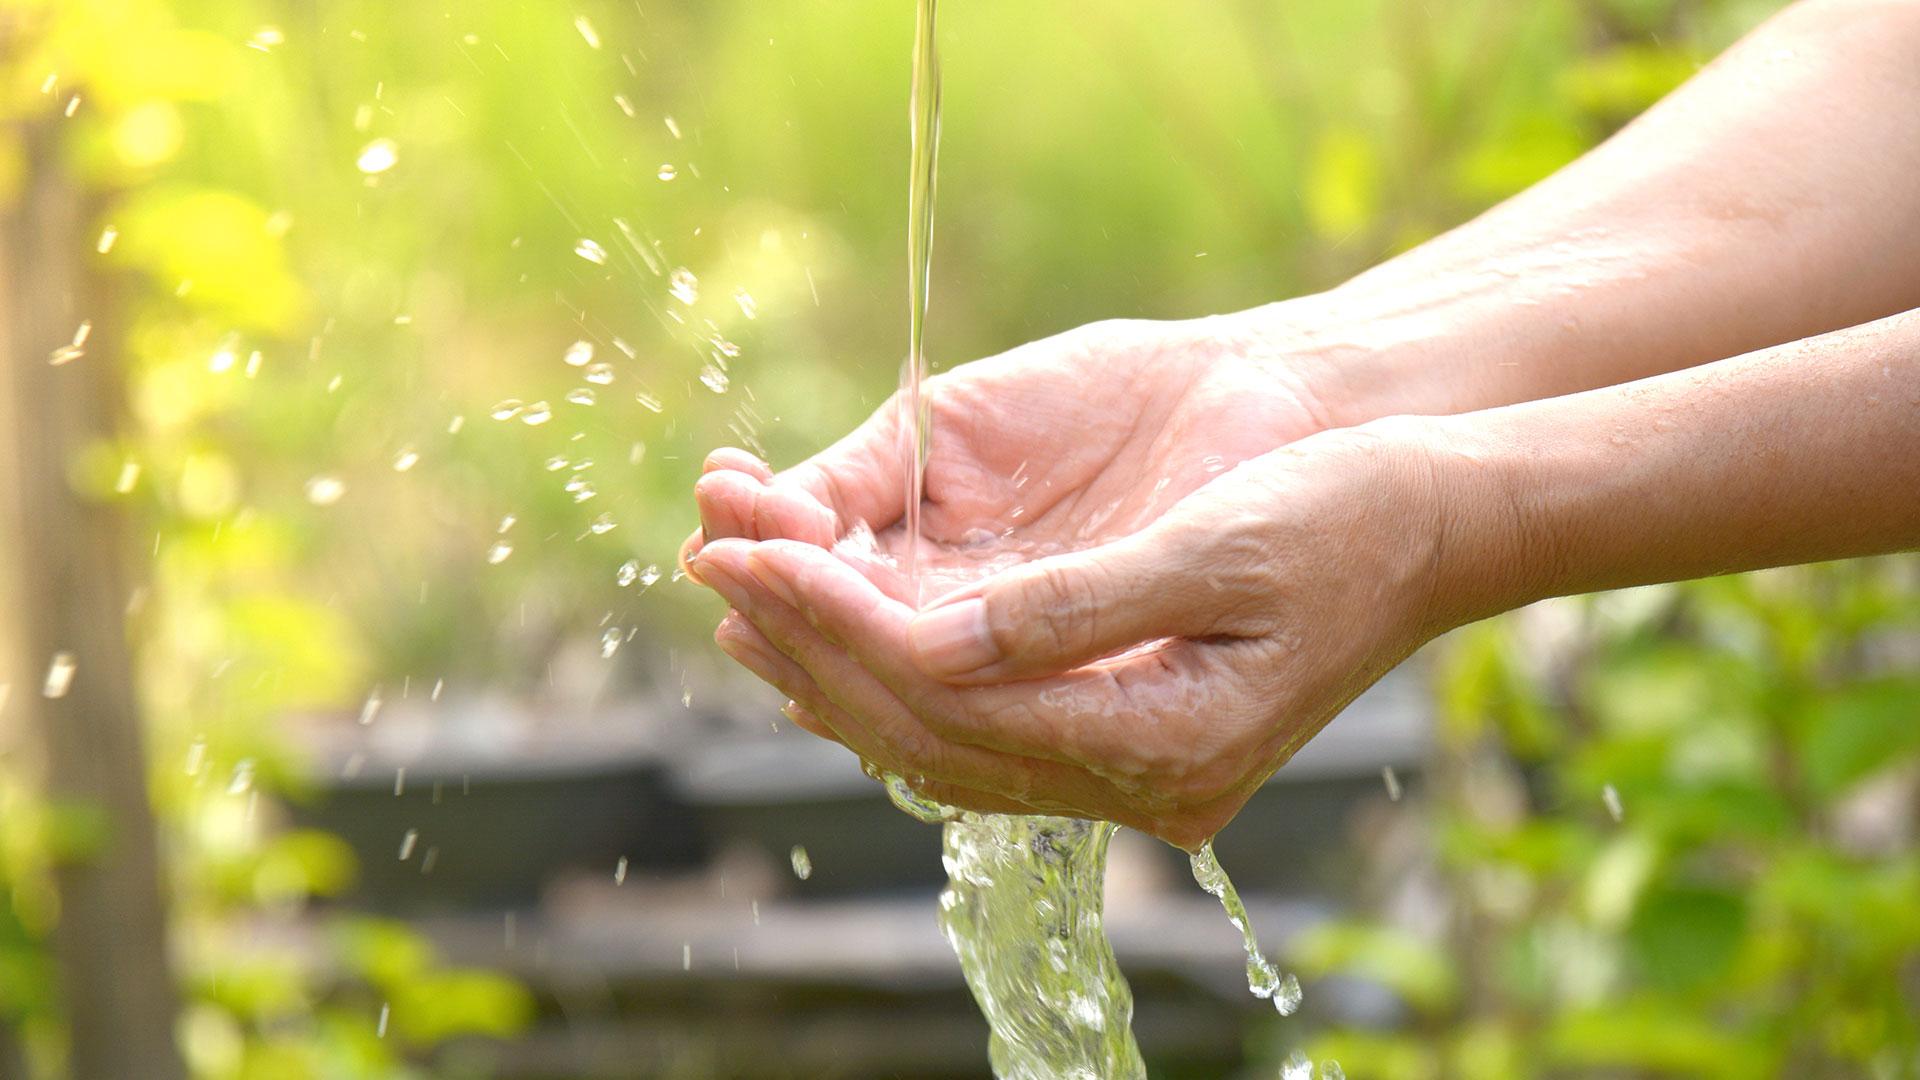 Vand i verden - lokale og globale udfordringer | AVK Group